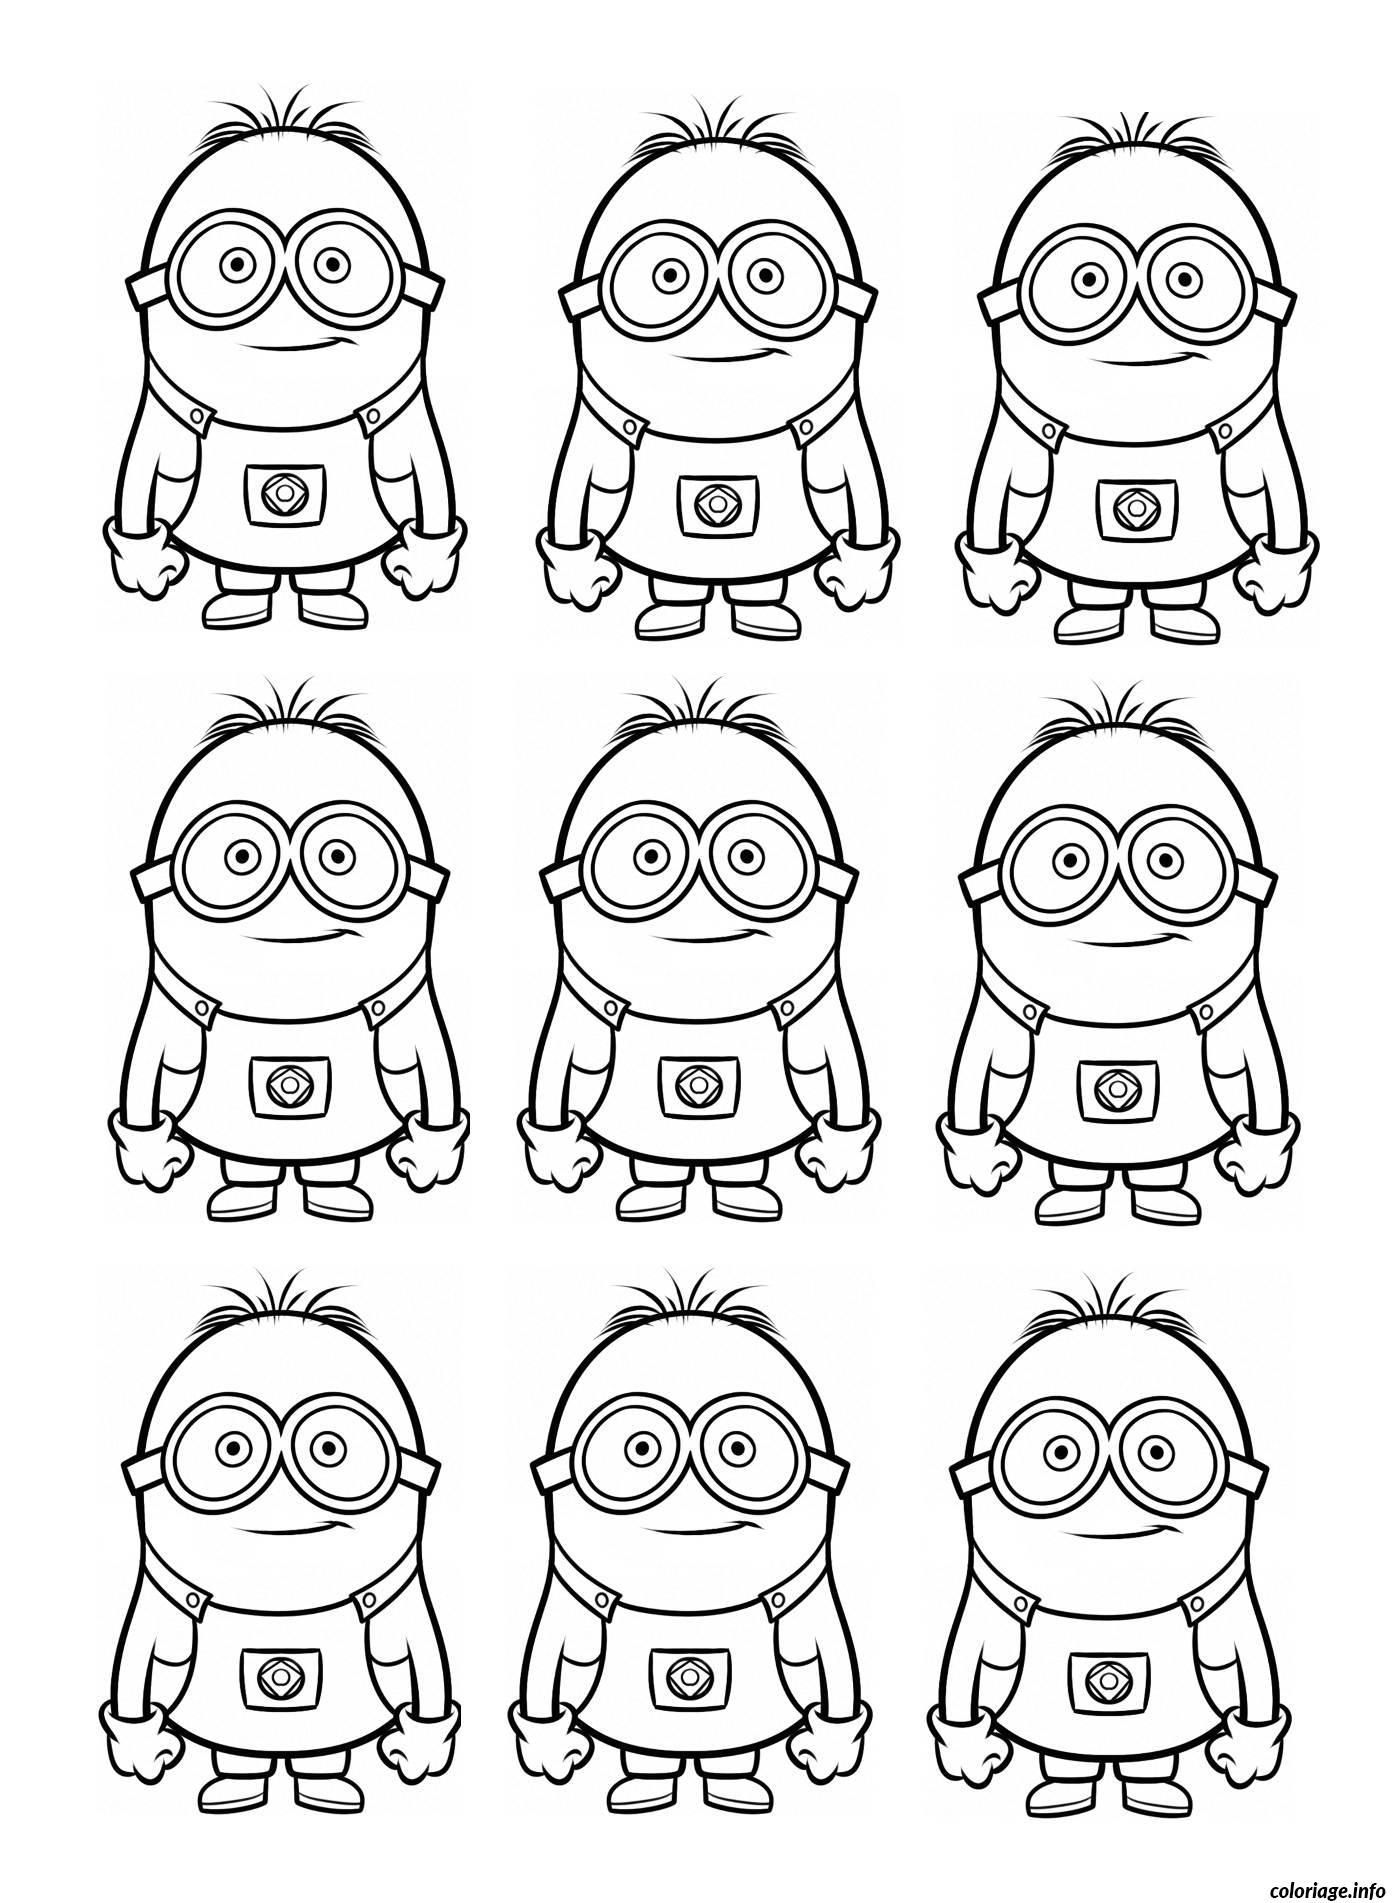 Coloriage dessin neuf minions - Coloriage minion ...